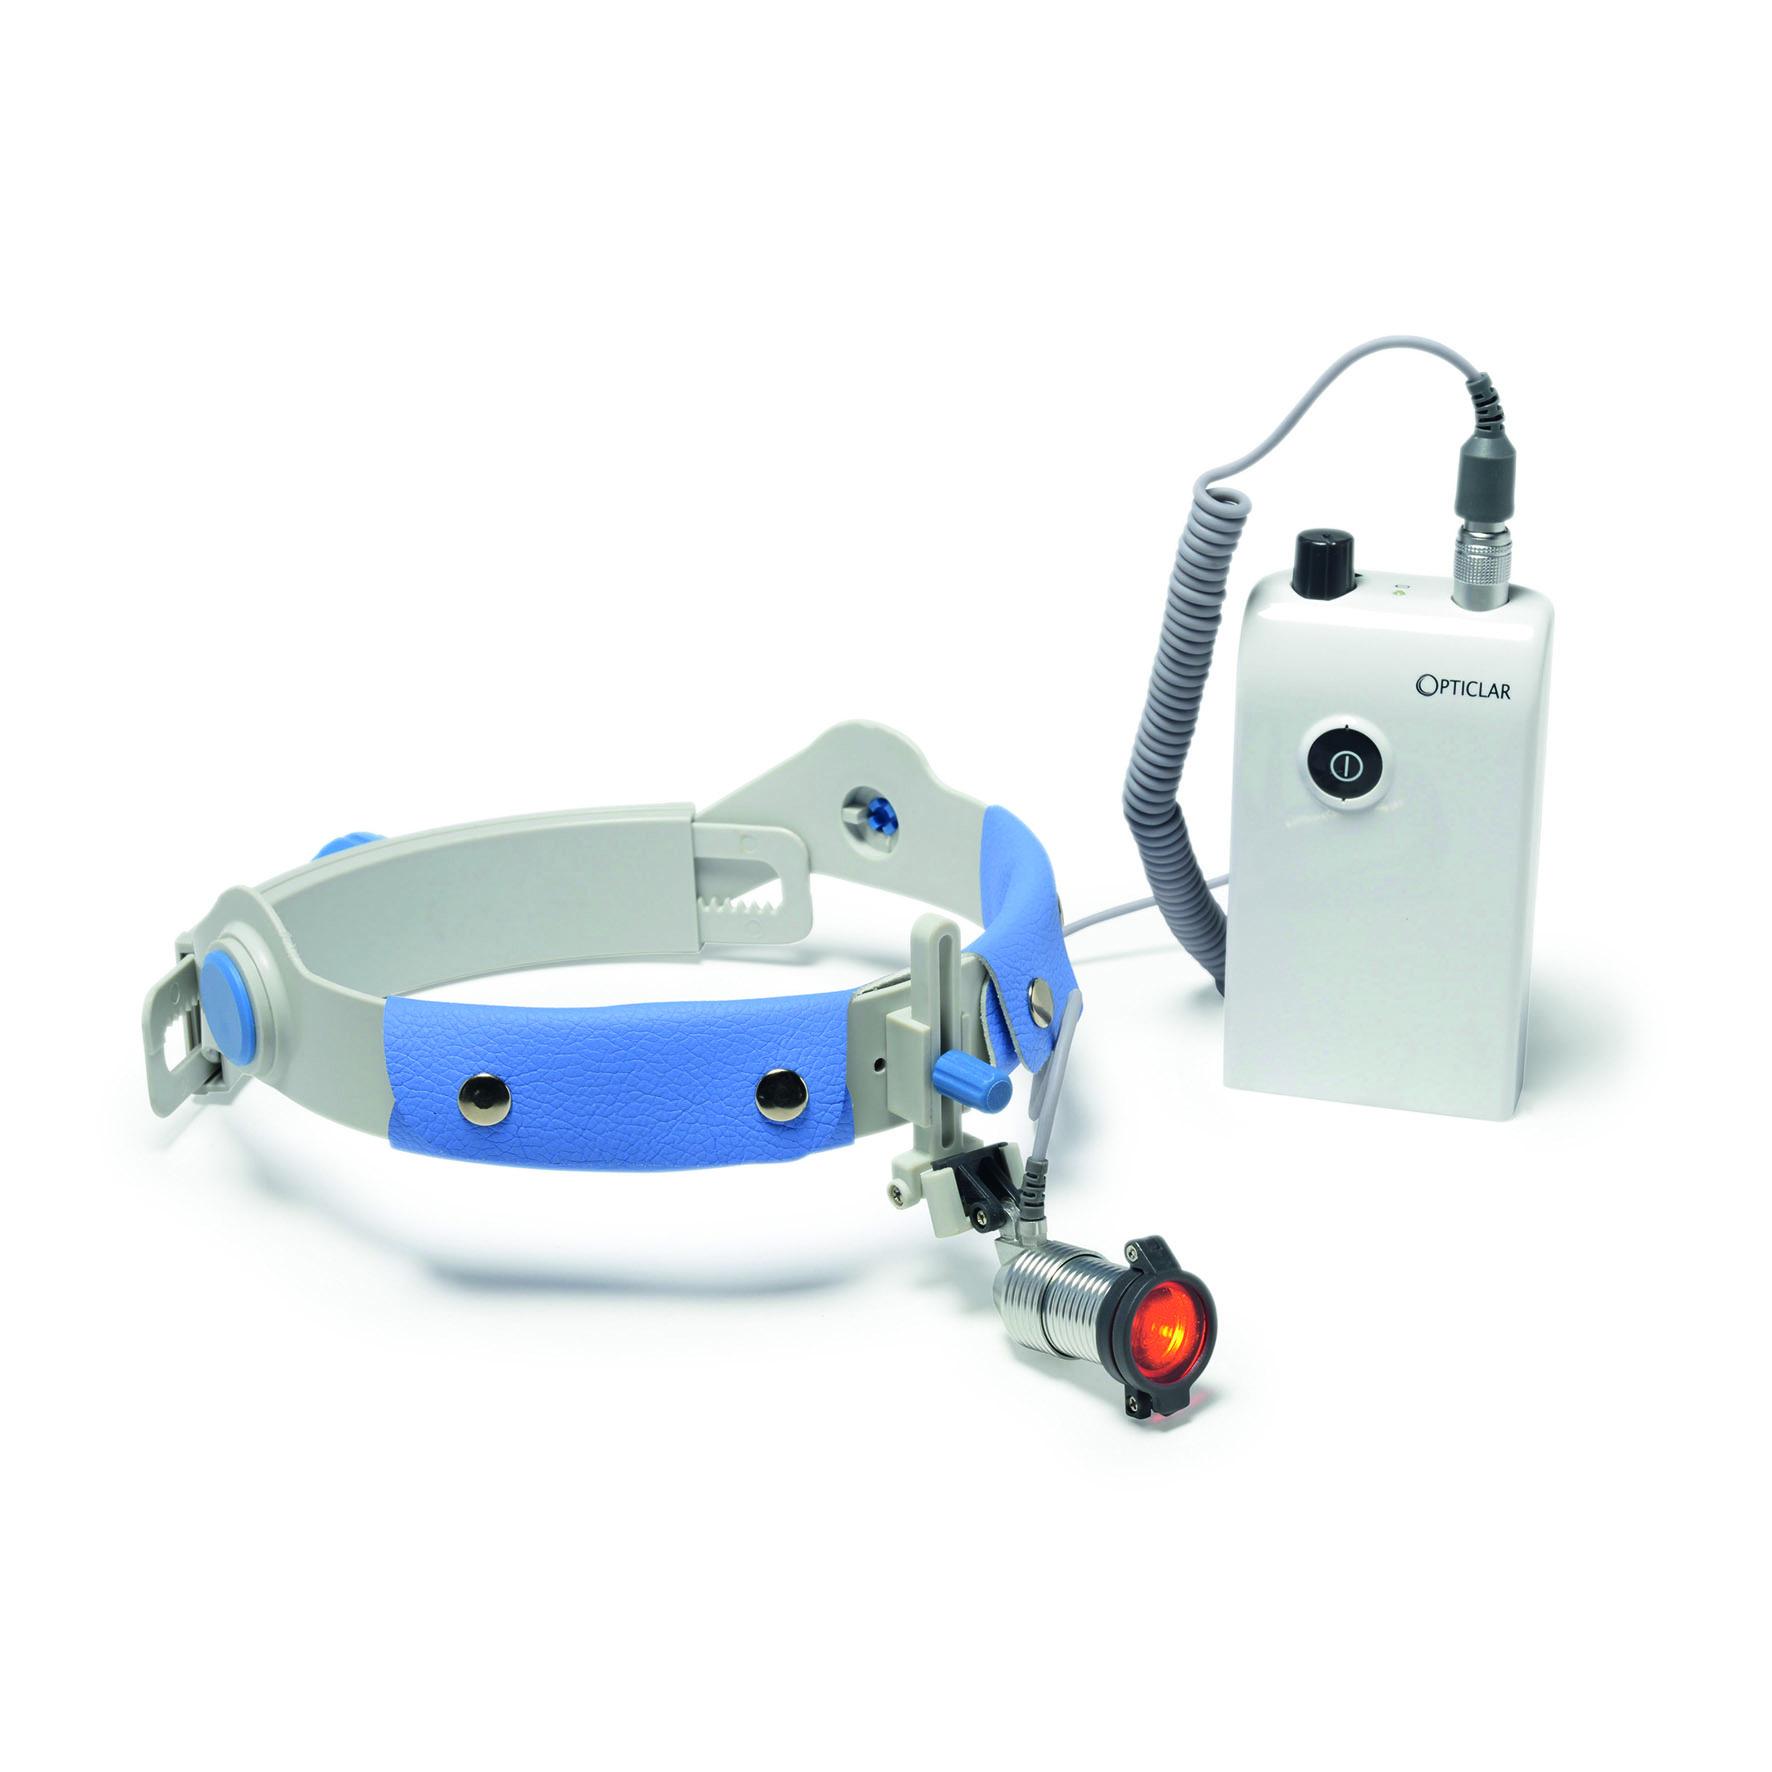 Opticlar Headlights